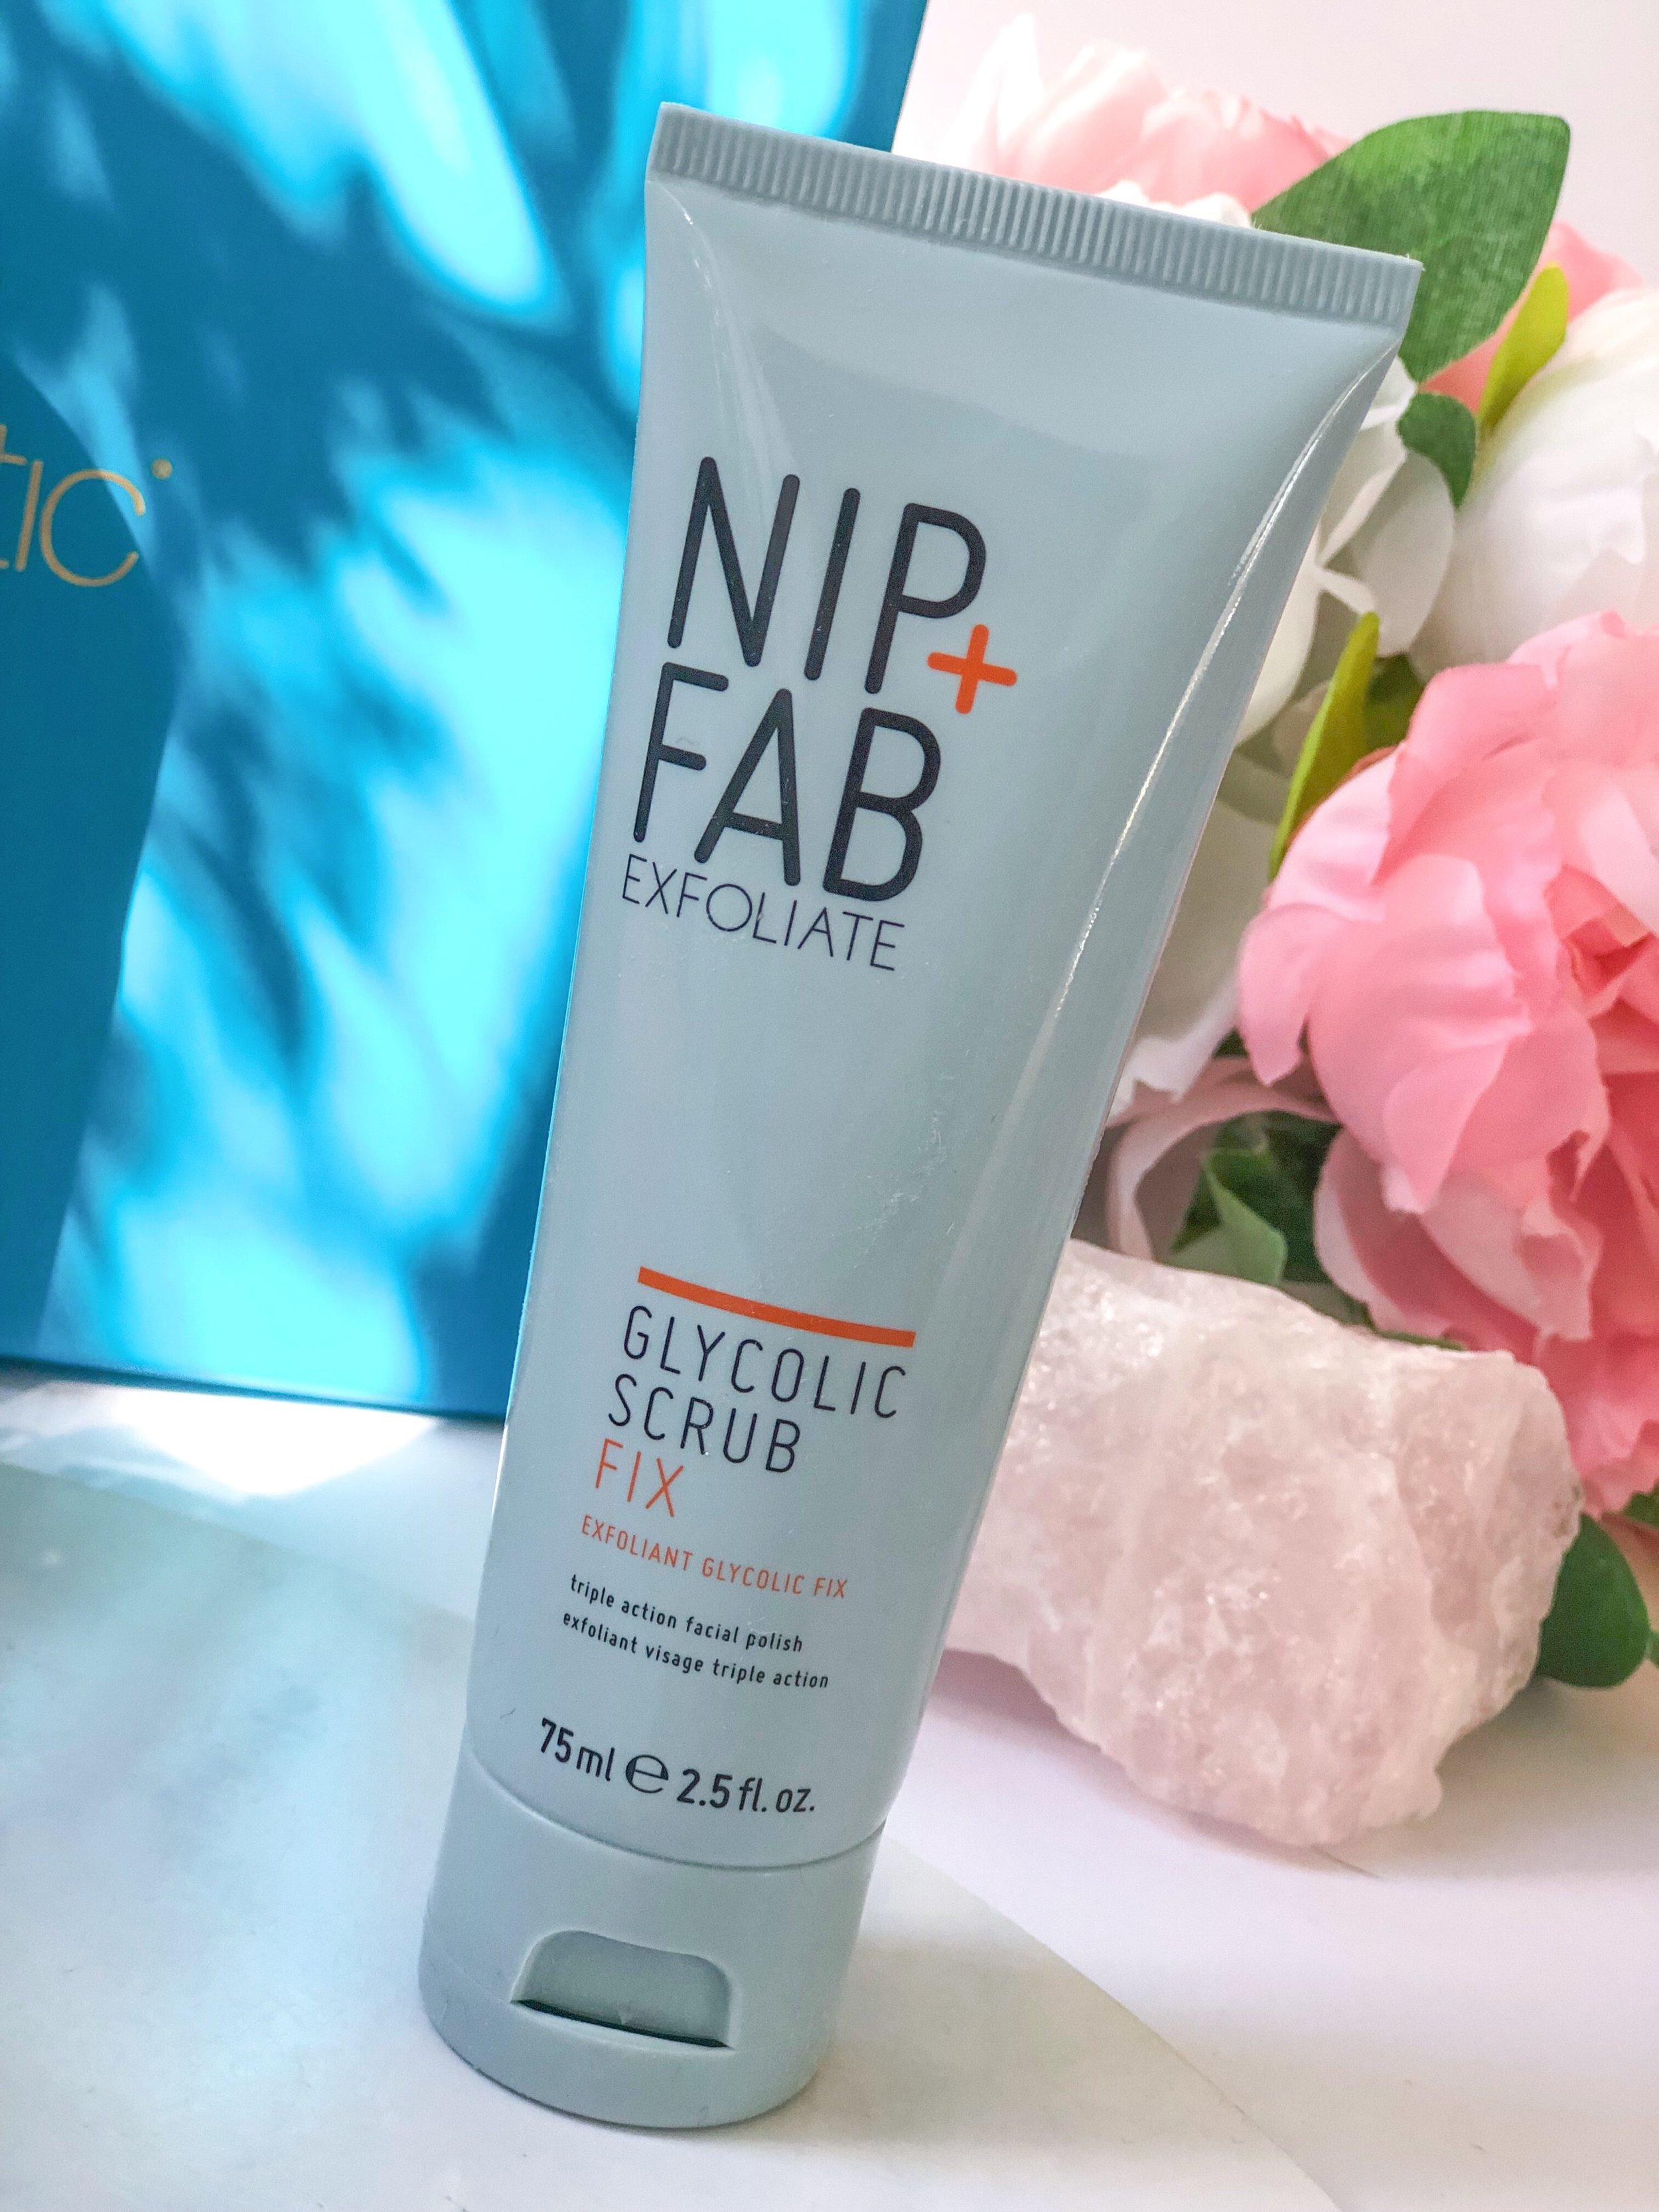 Nip+Fab Glycolic Fix Scrub.jpg